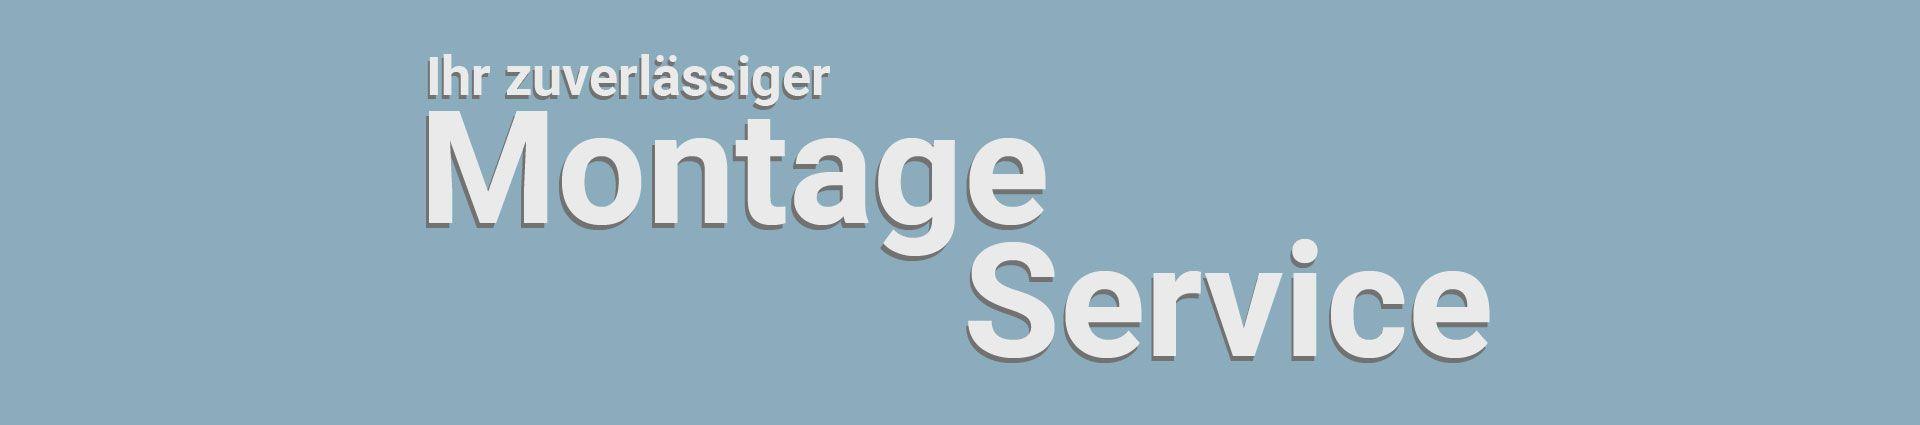 Gastronomie Montage Service